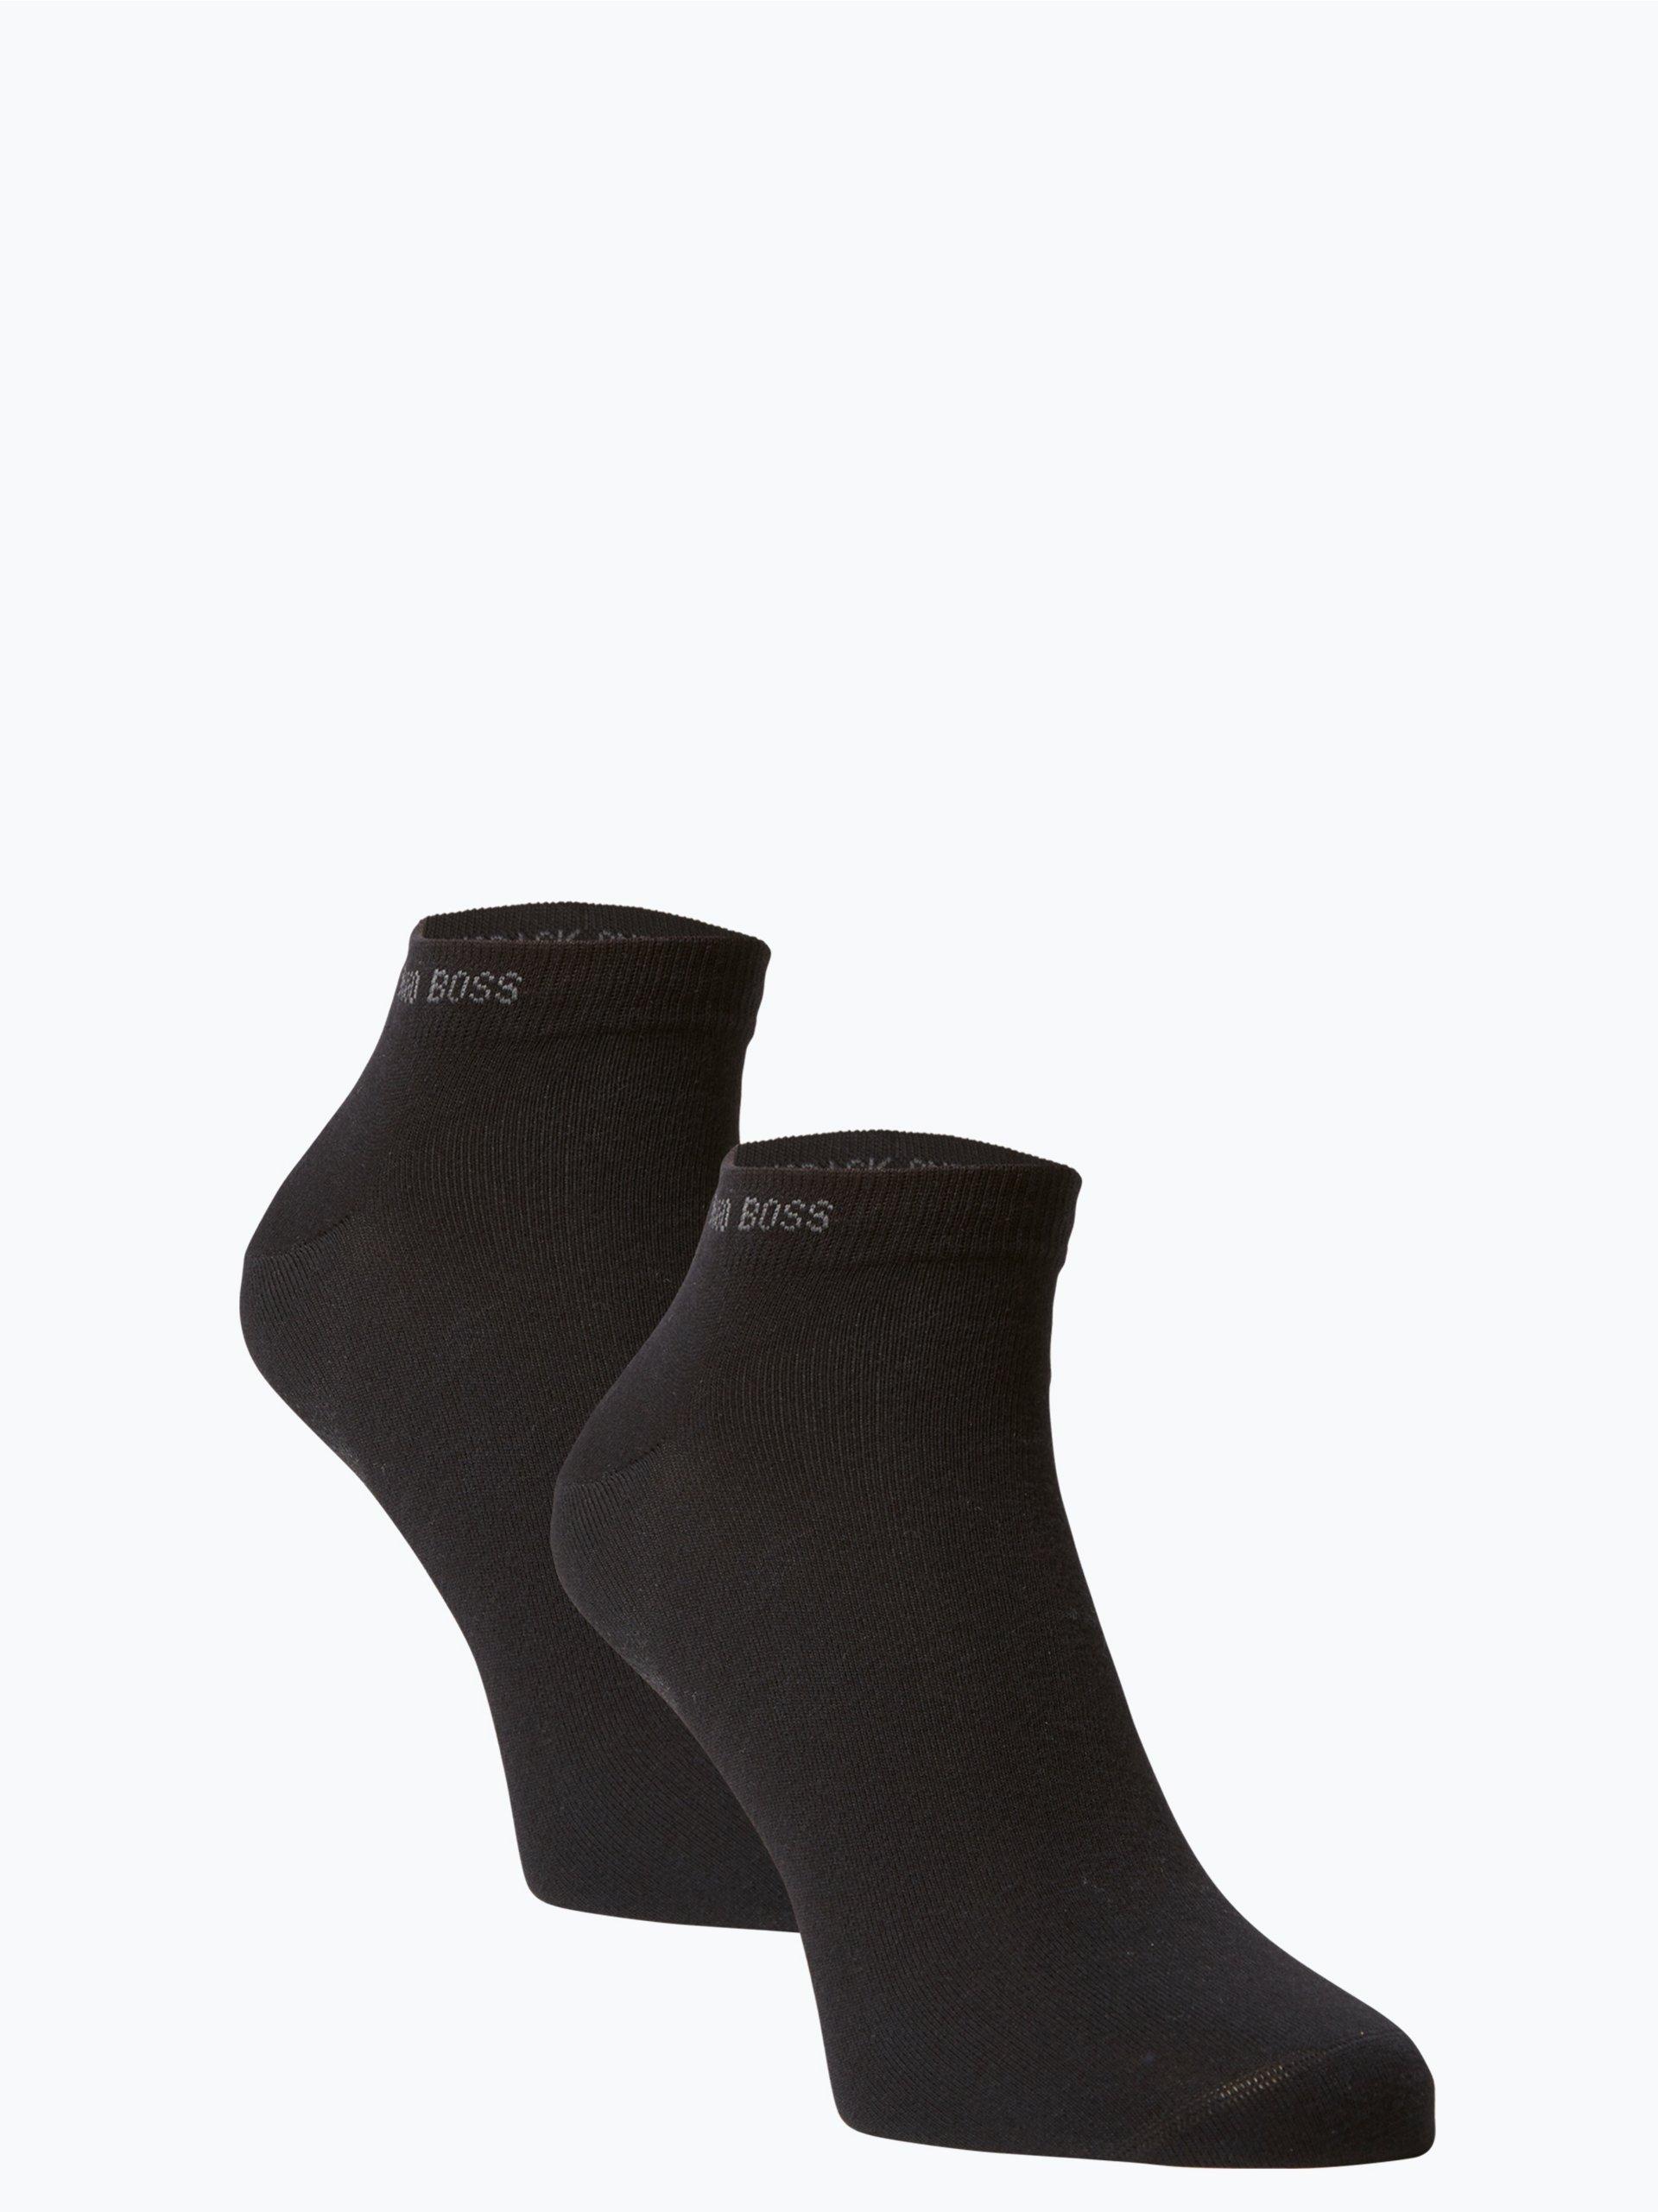 BOSS Męskie skarpety do obuwia sportowego pakowane po 2 szt.